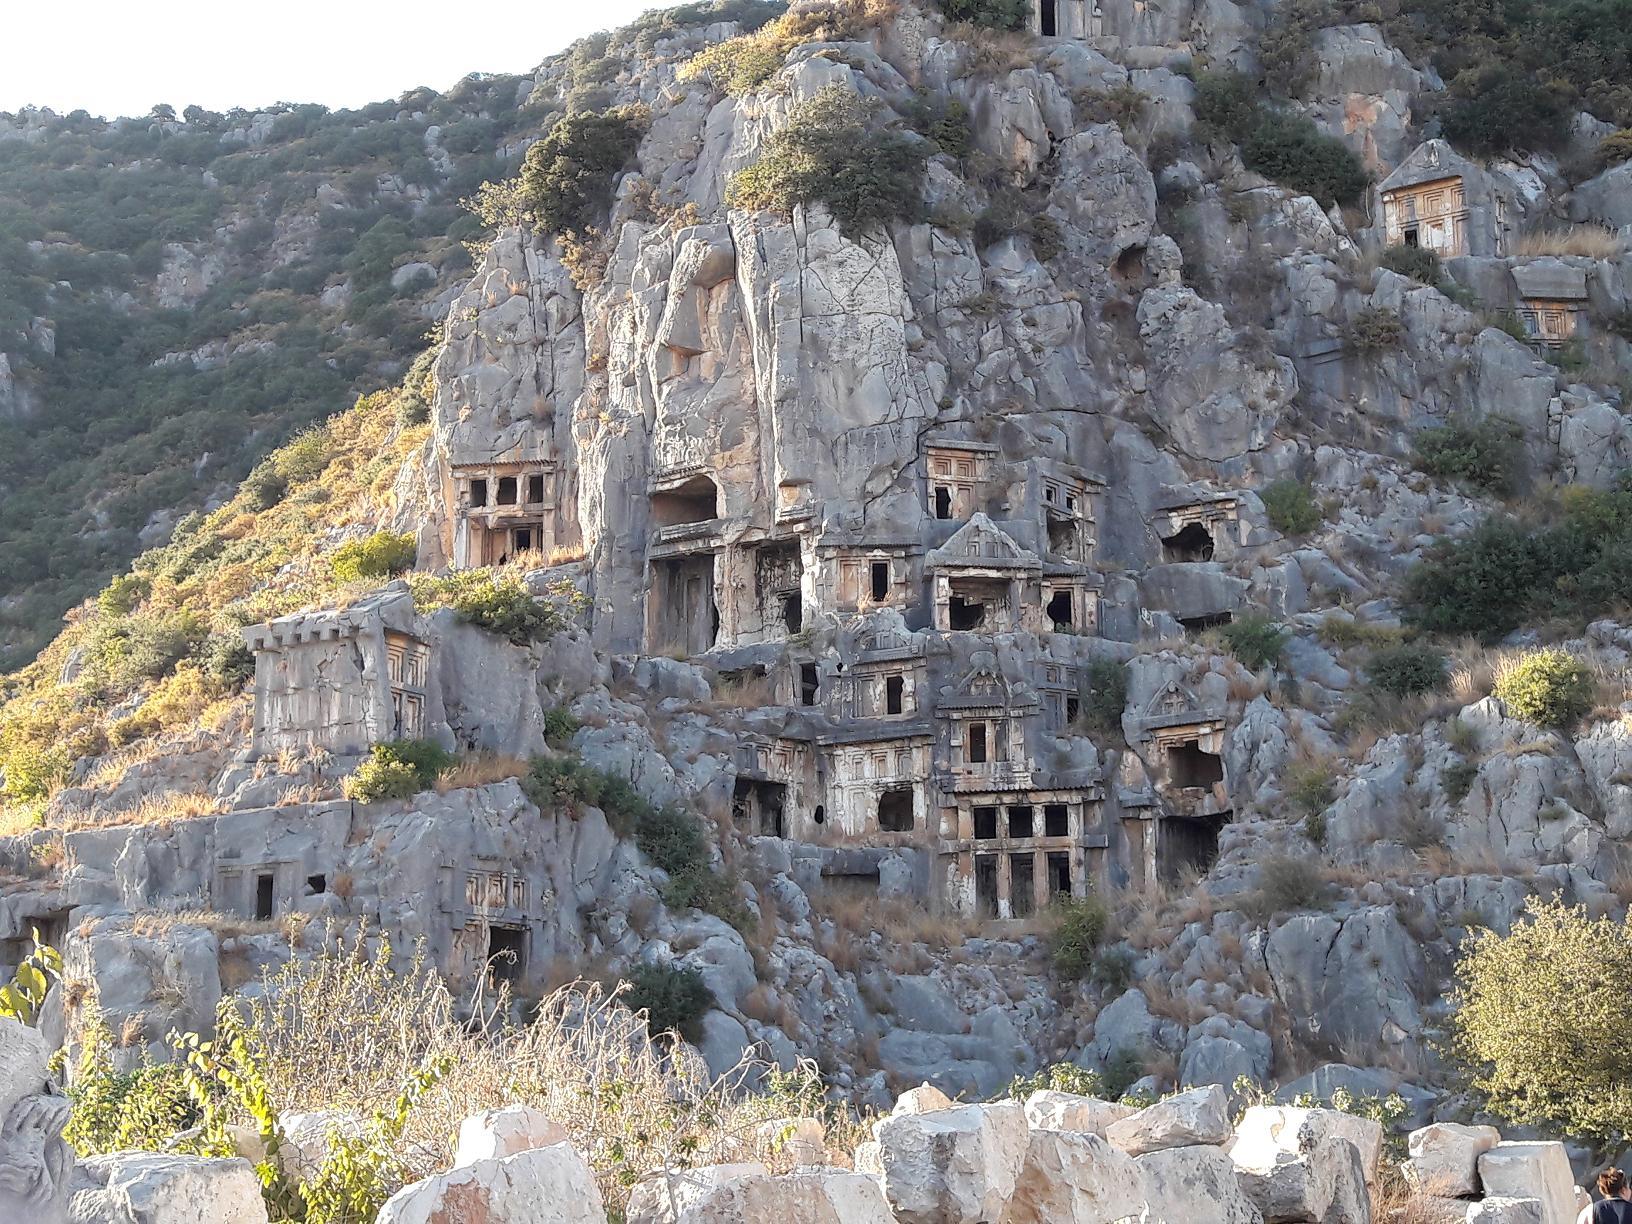 Sur la route des vestiges de l'ancienne Lycie. Ici le cimetière vertical de Demre. Photo MS.